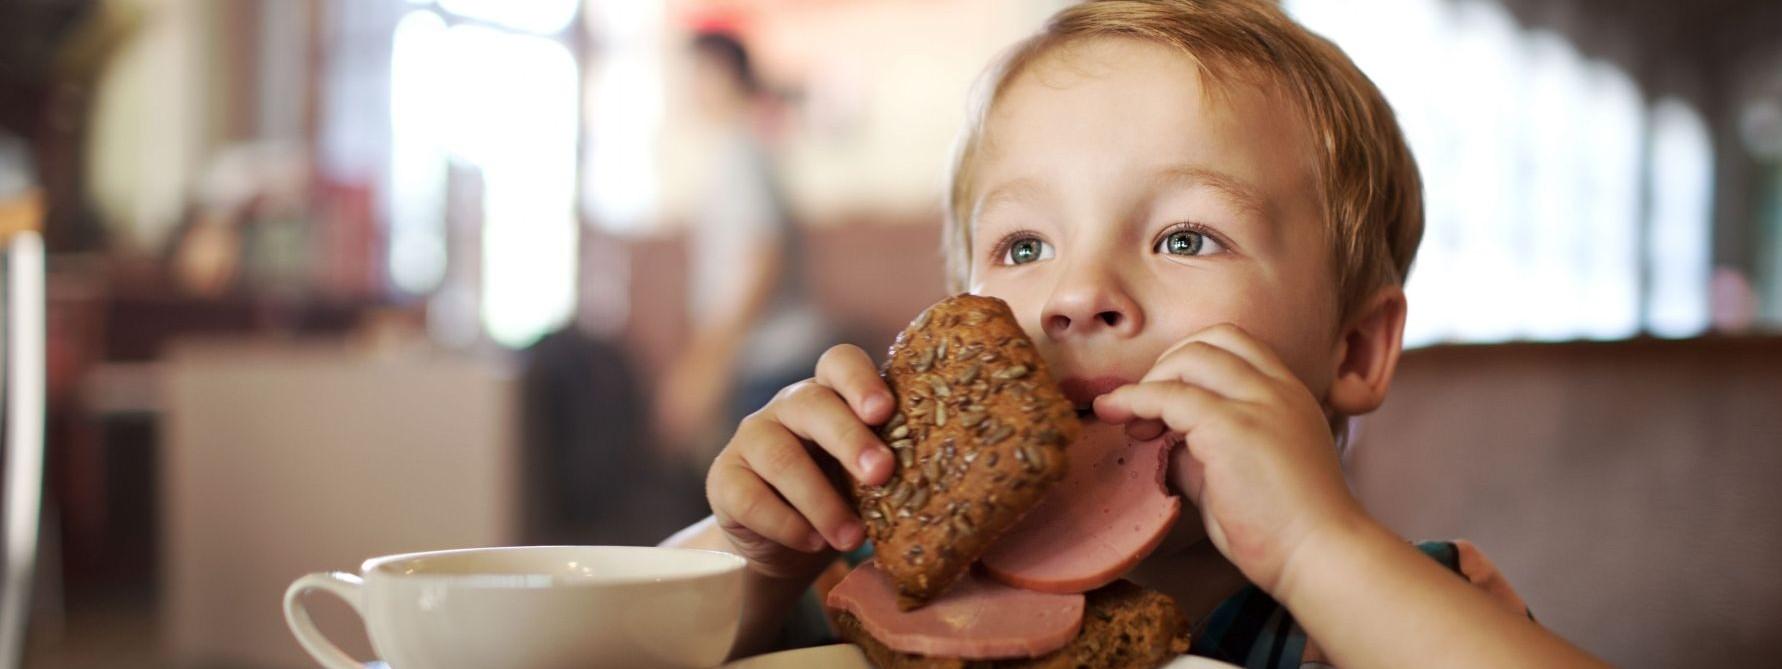 Ein etwa 3 jähriges Kind sitzt am Tisch und beißt von einem belegten Wurstbrötchen ab.